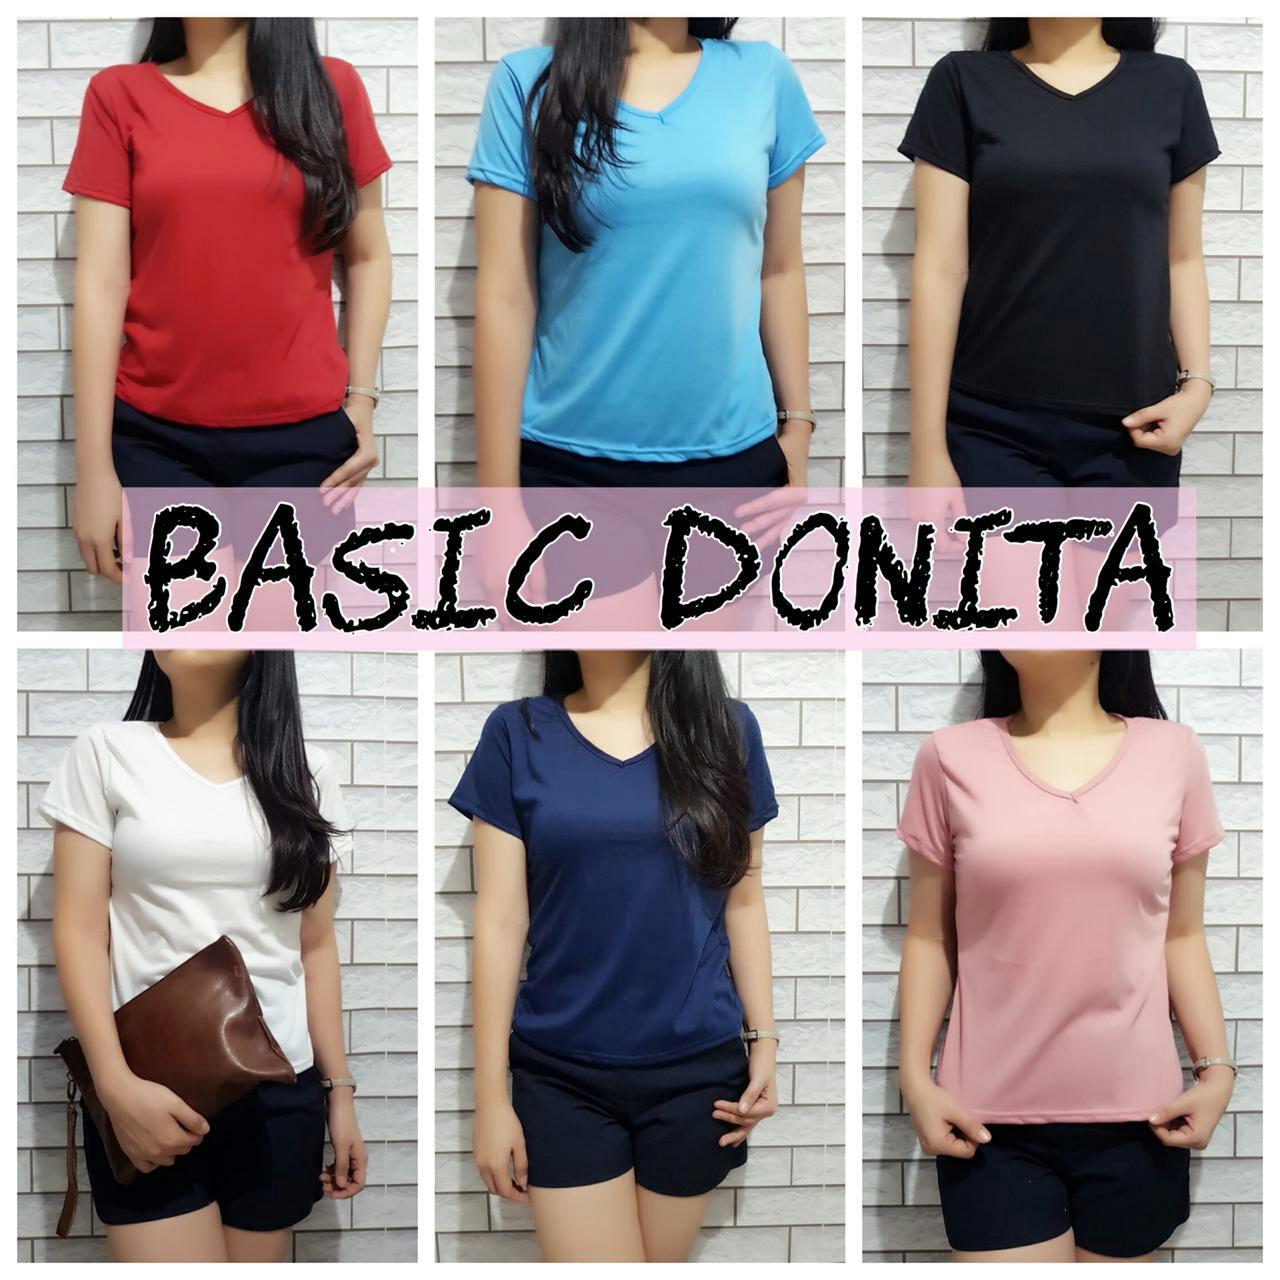 DAMAI FASHION JAKARTA - baju atasan basic DONITA 7warna - konveksi murah